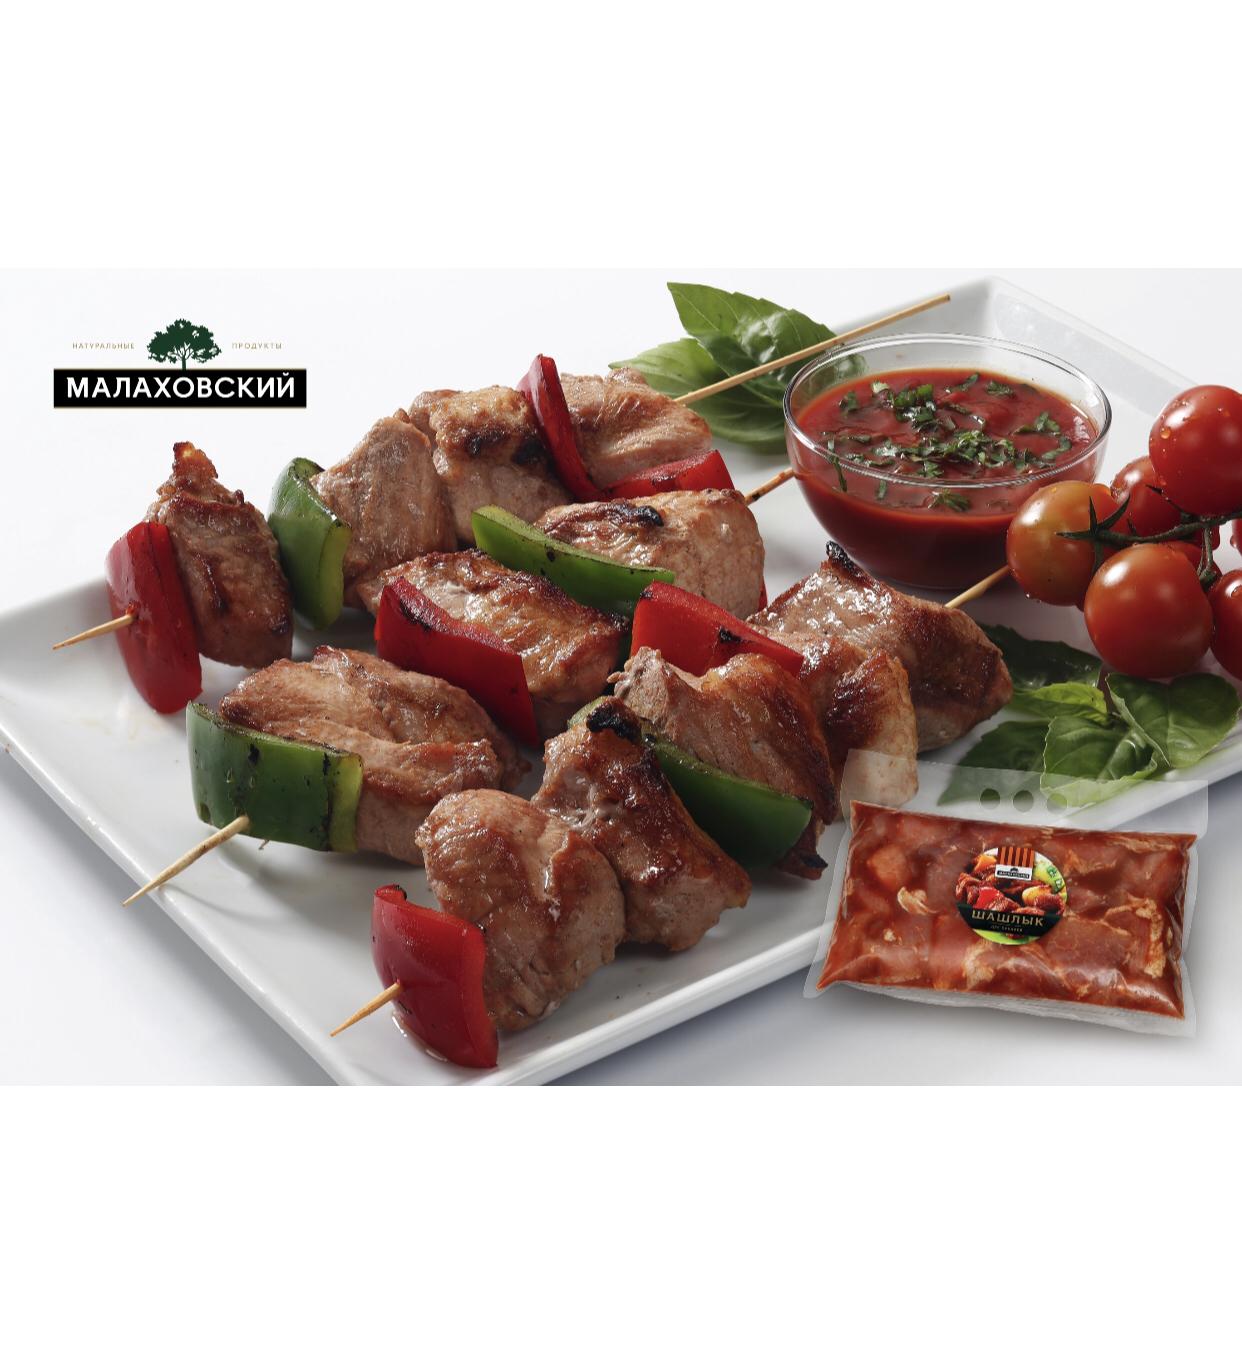 Шашлык Малаховский 1кг — из свинины  -свиной для пикника